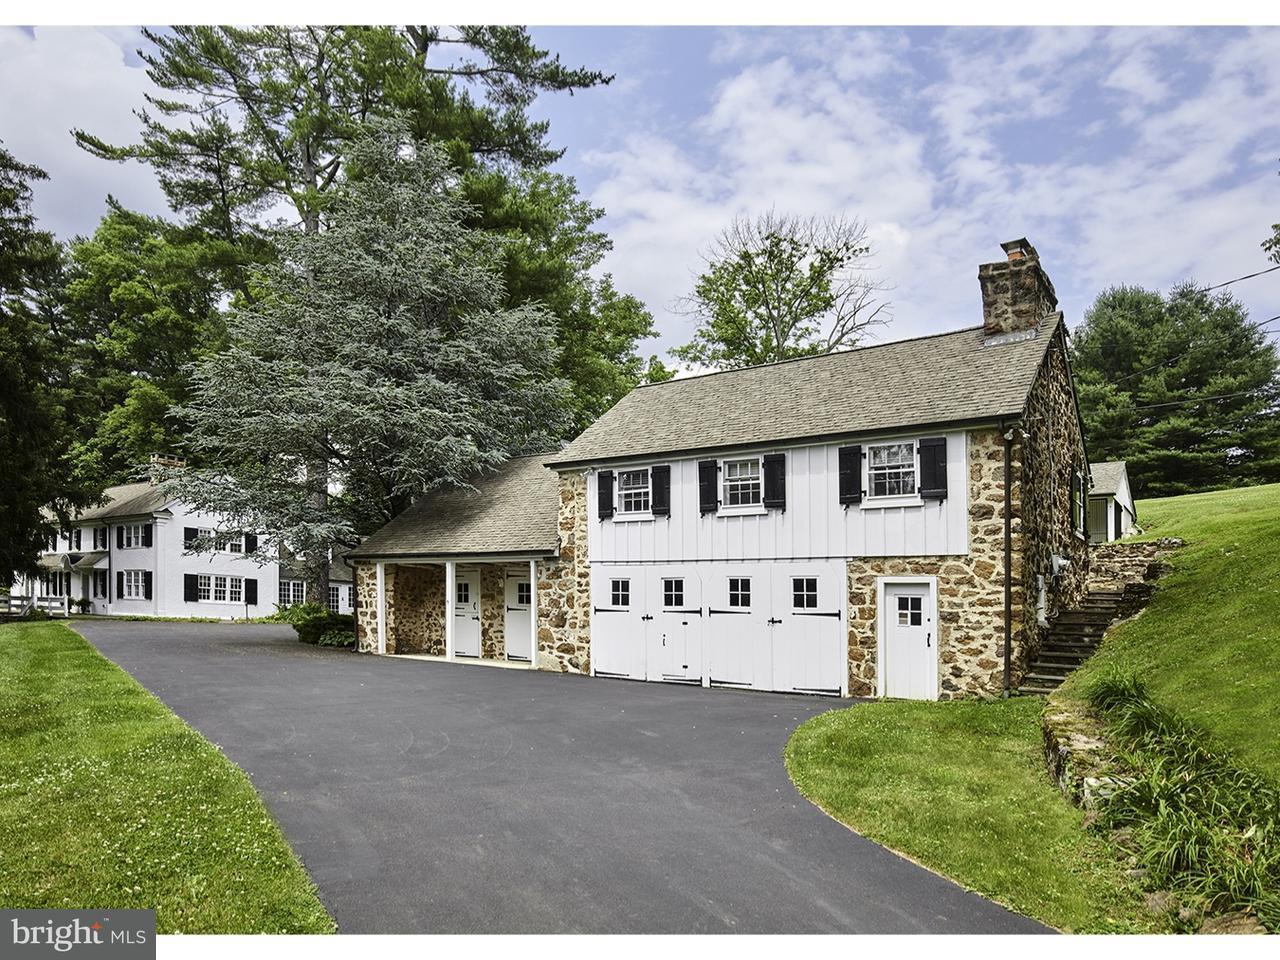 Maison unifamiliale pour l Vente à 2424 GRUBBS MILL Road Berwyn, Pennsylvanie 19312 États-Unis